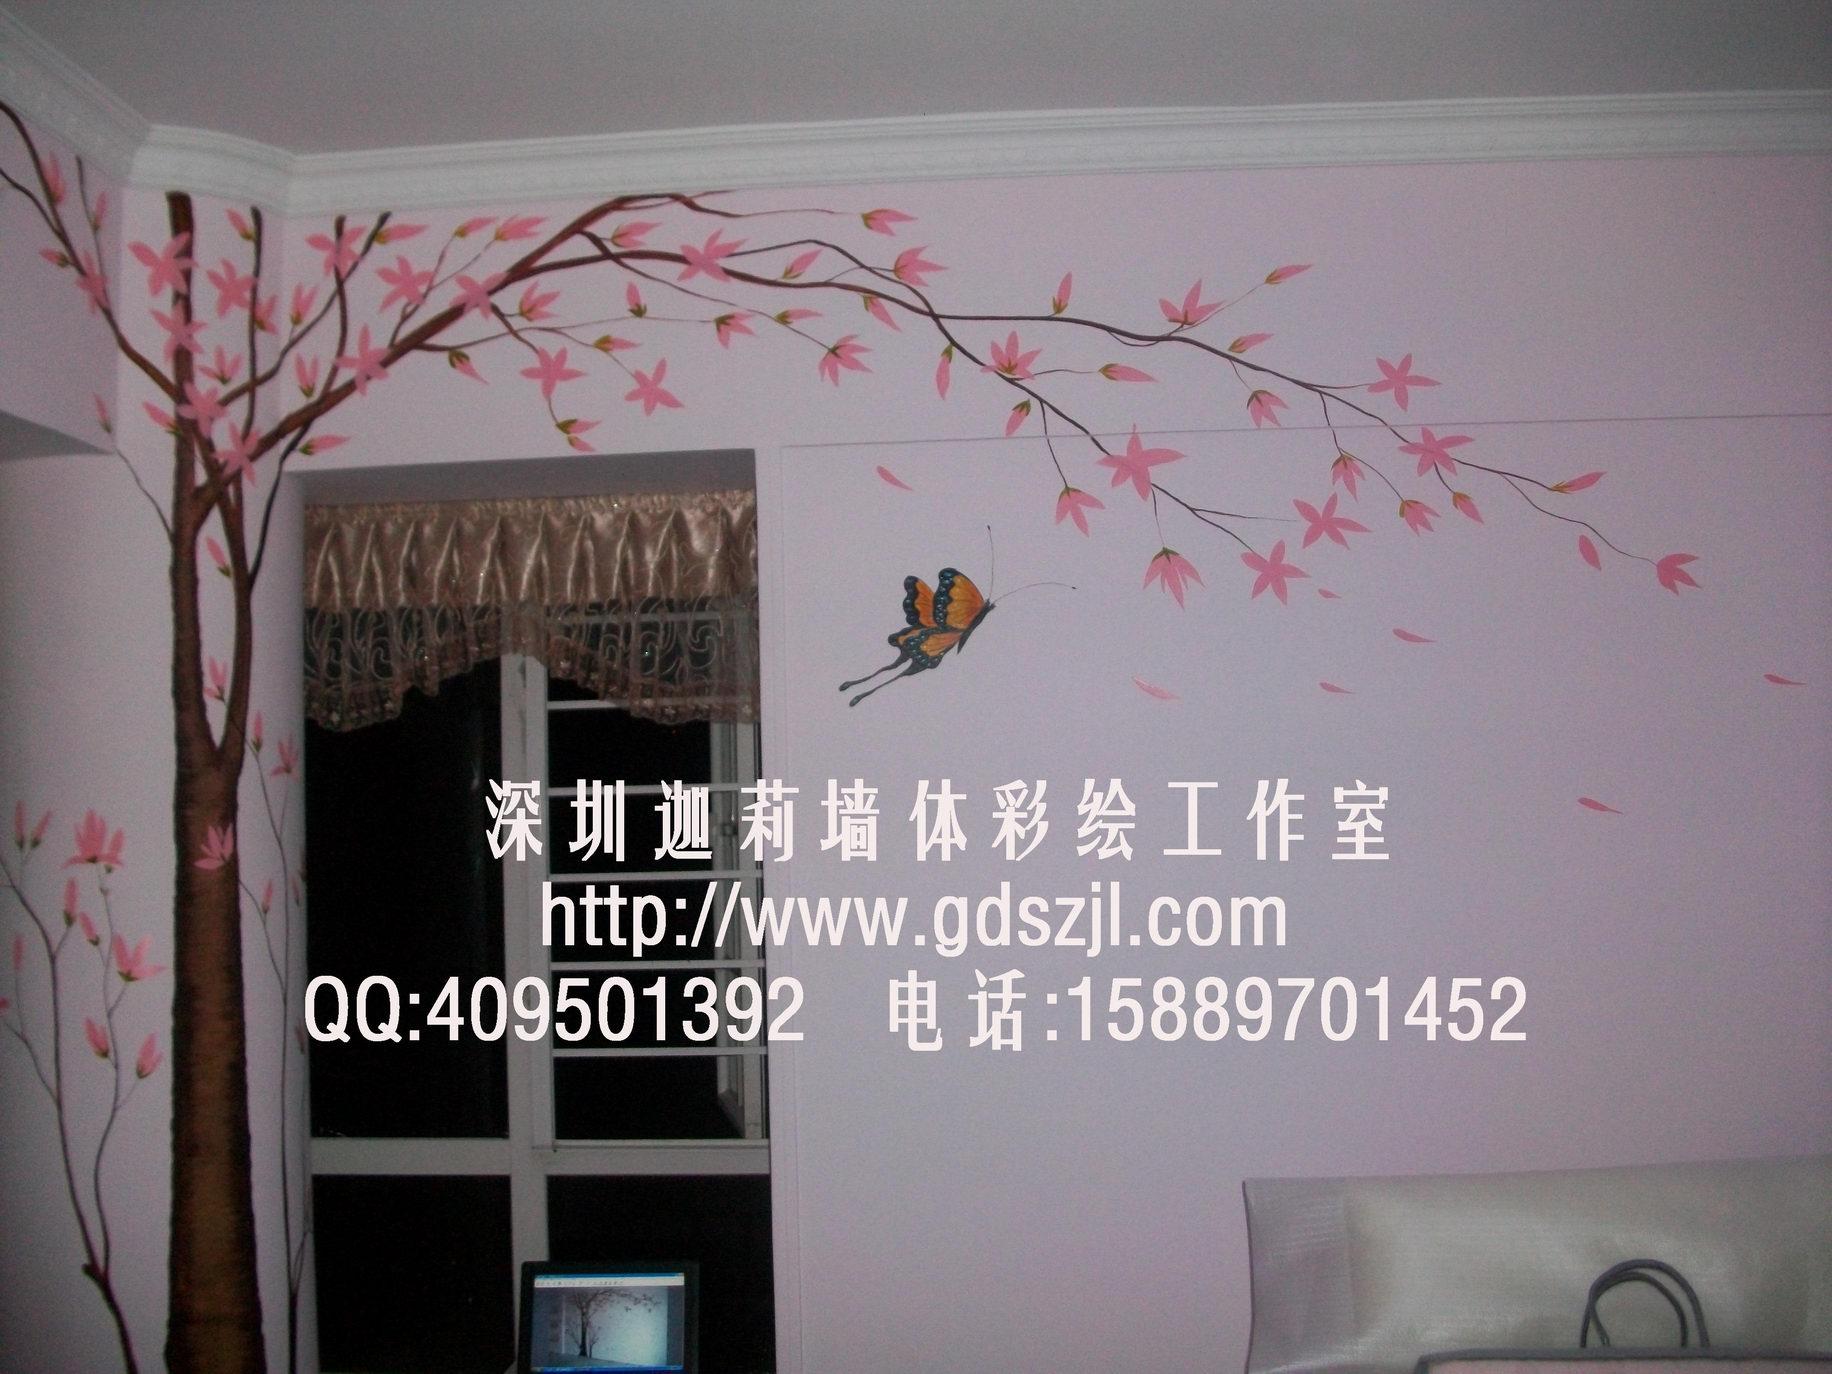 diy手绘墙画 - 深圳房地产信息网论坛